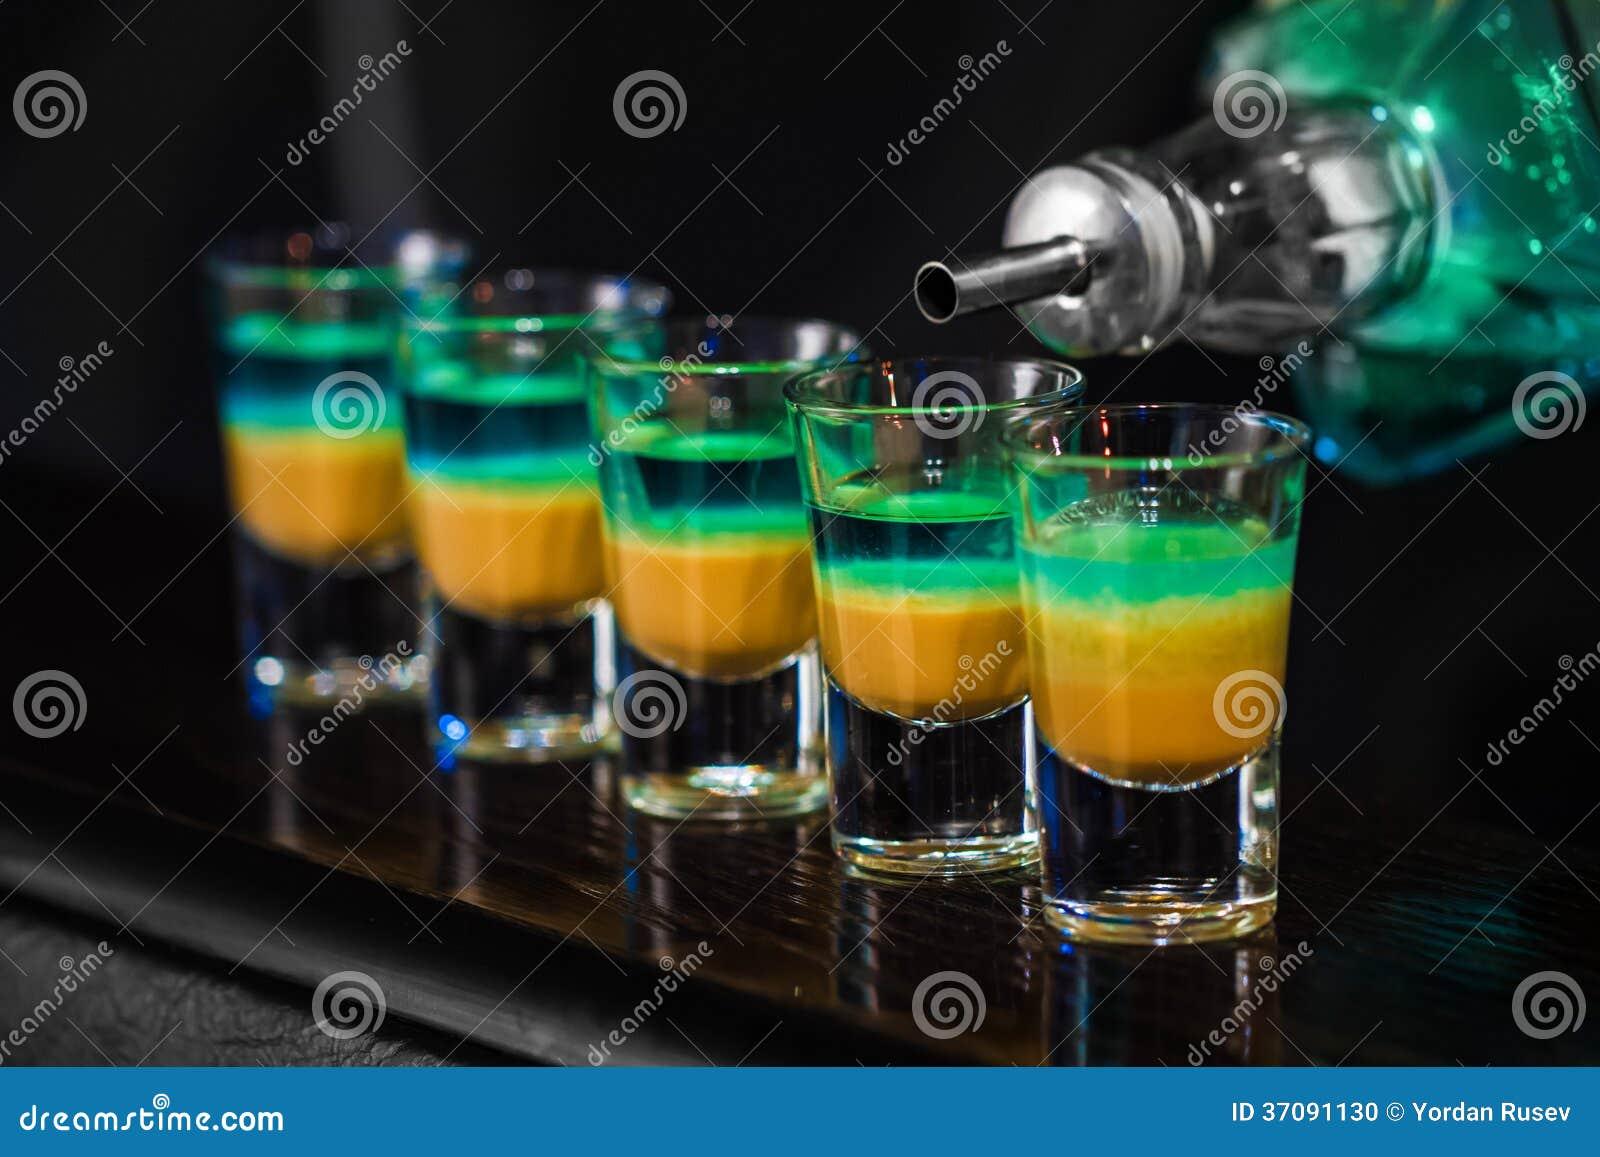 Download Strzały w klubie nocnym zdjęcie stock. Obraz złożonej z macro - 37091130